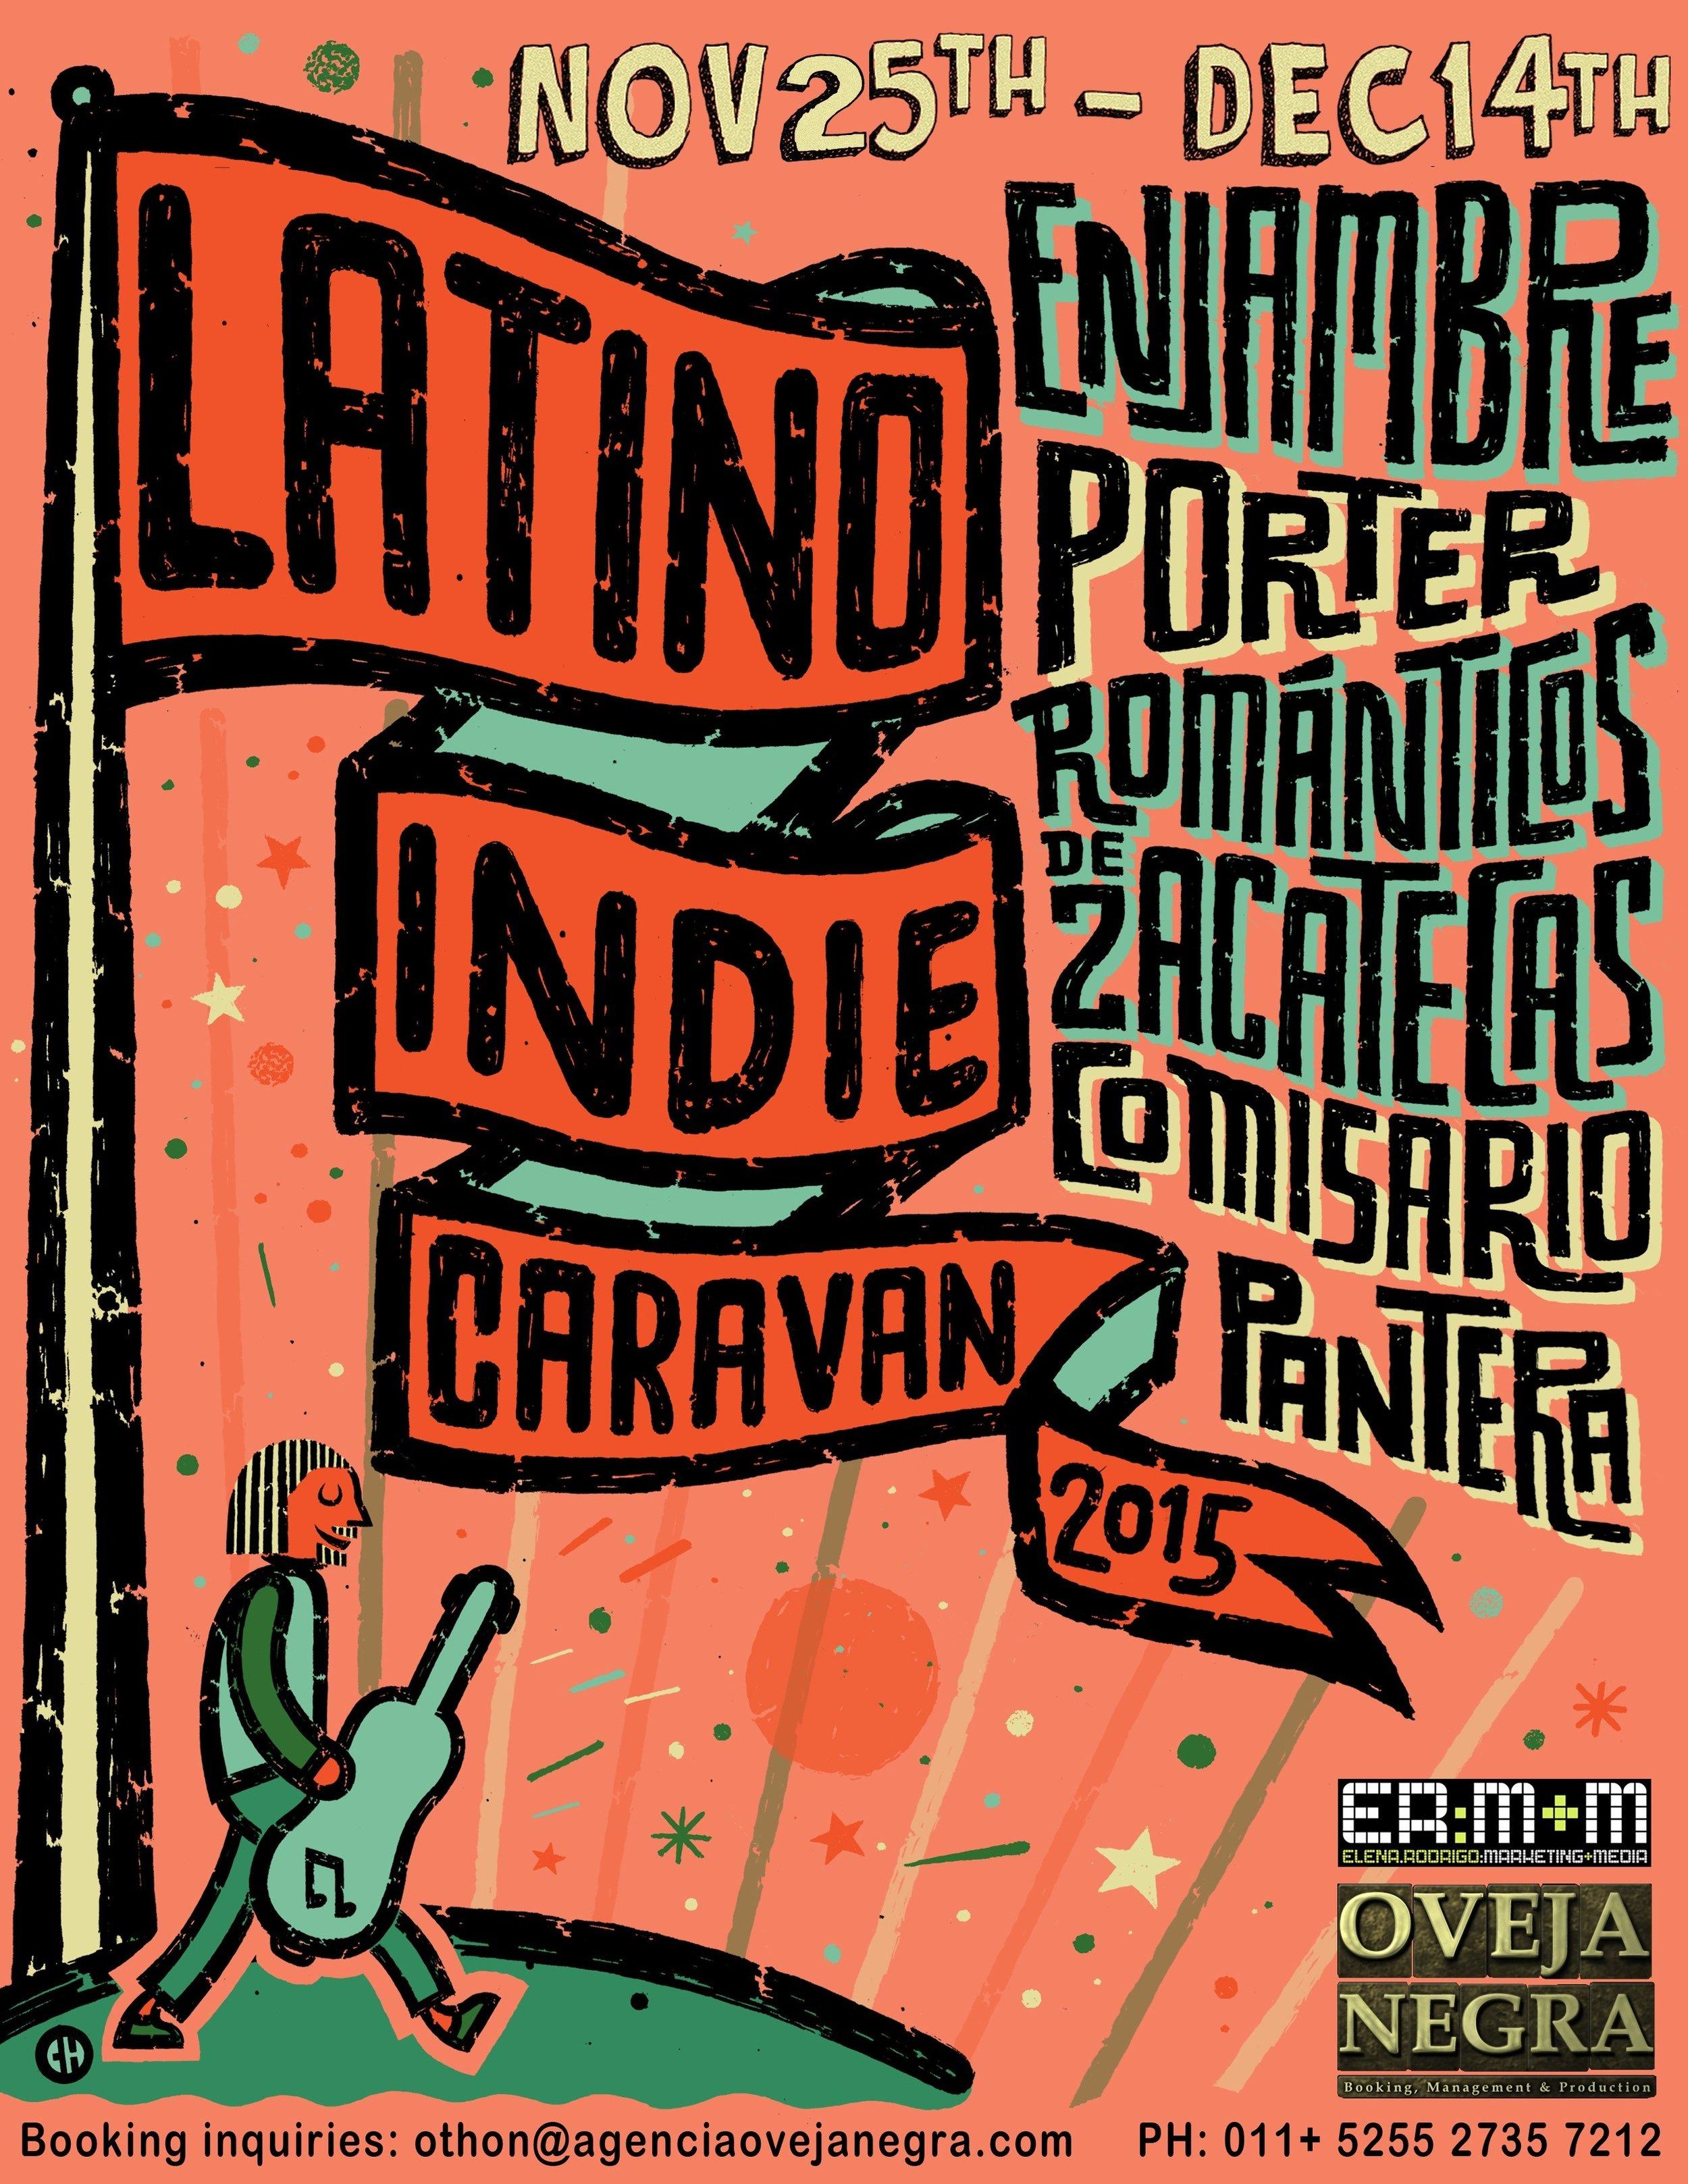 LatinoIndiCaravan.jpg